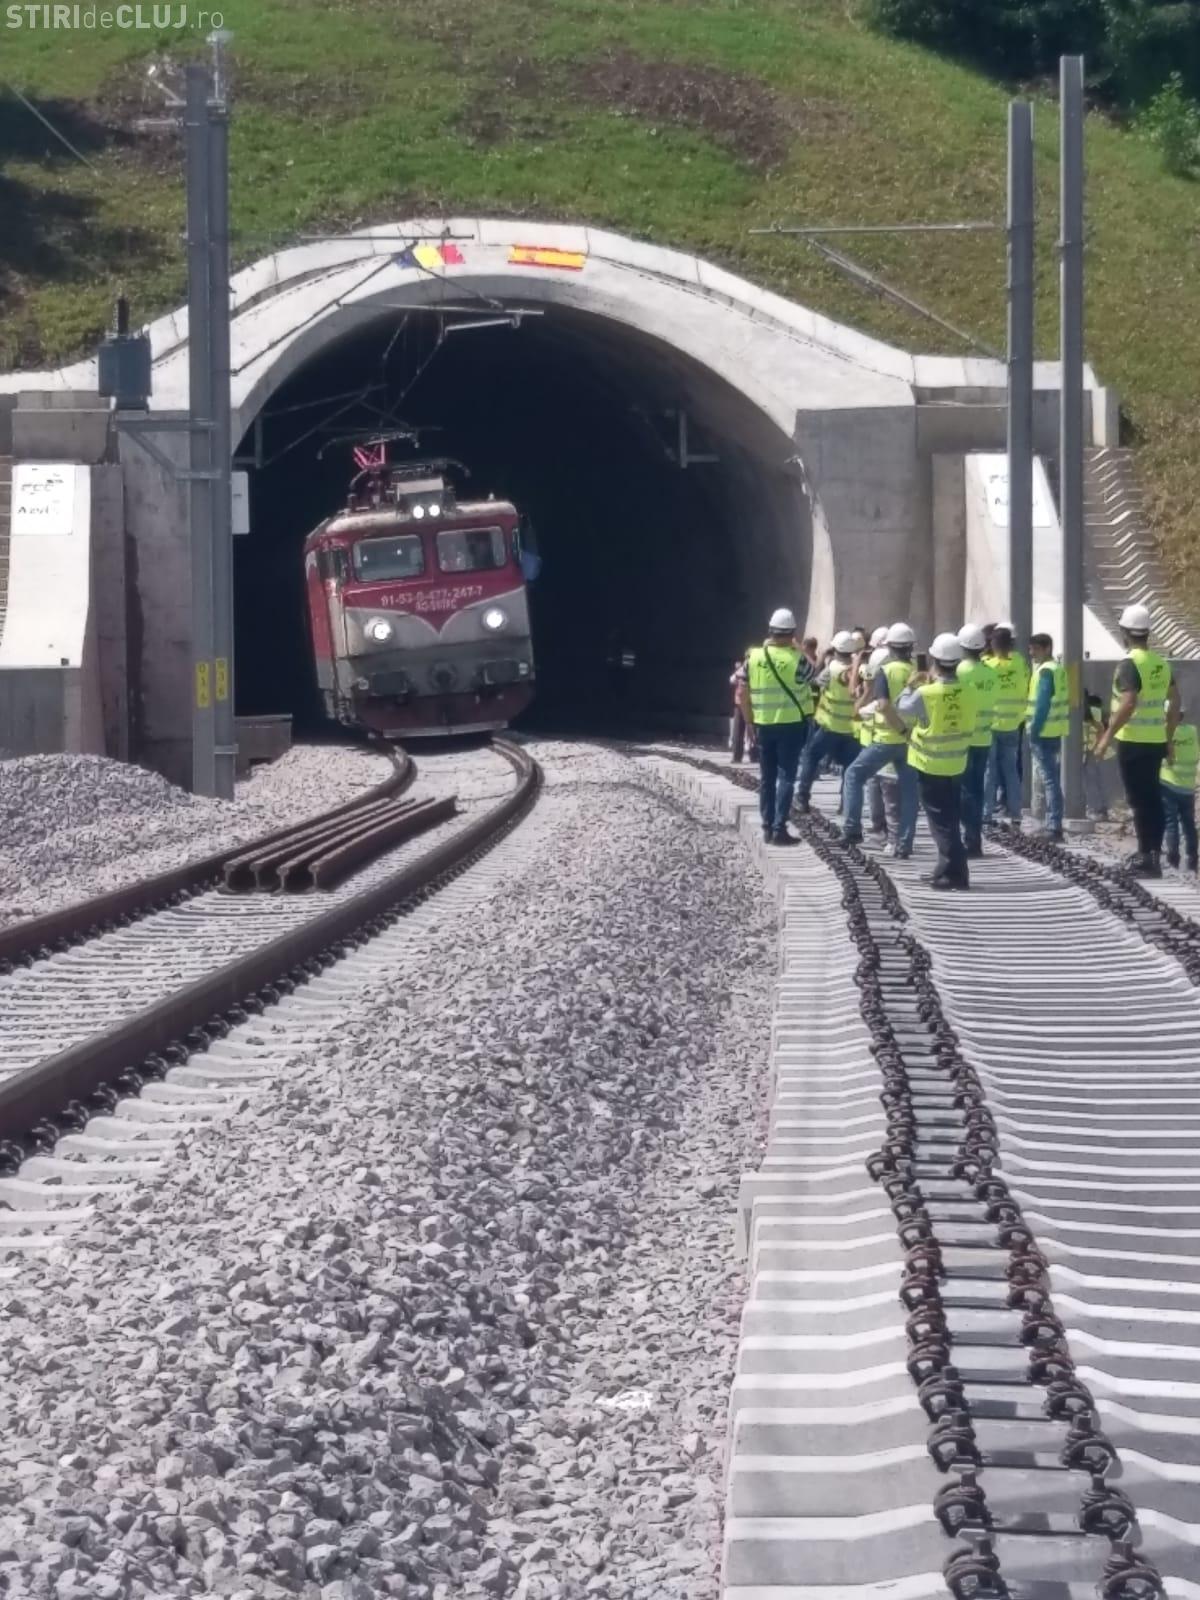 Când va circula trenul cu 160 de km/oră pe tronsonul modernizat? Răspunsul nu vă va mulțumi